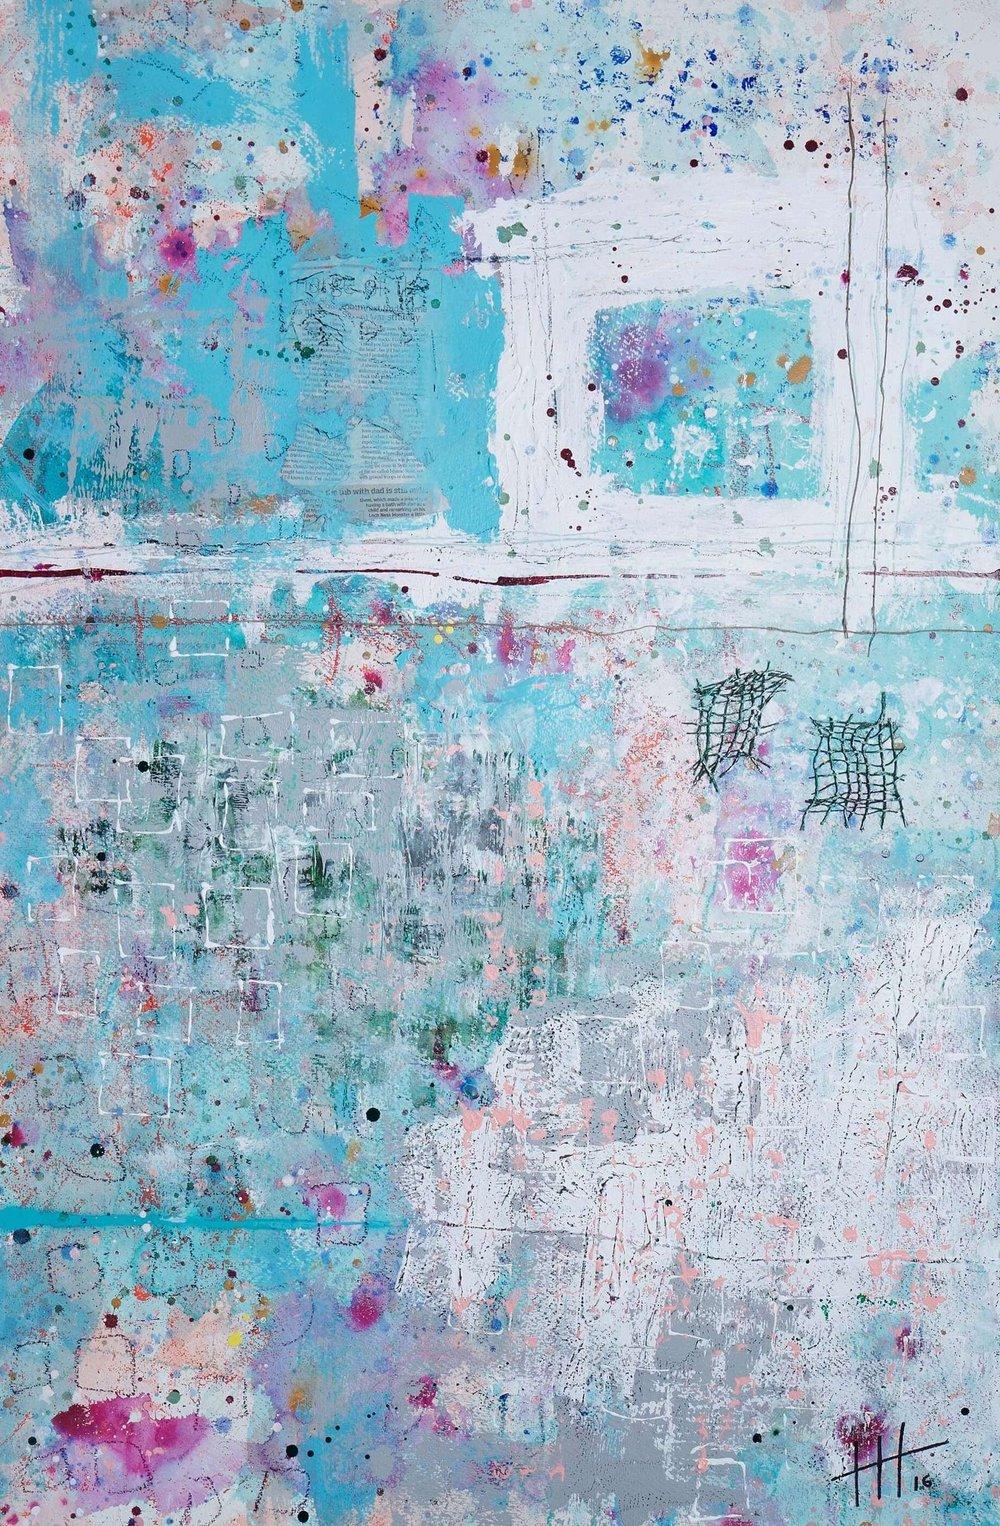 'The Secret Meadows' Acrylic & Mixed Media /129cm x 93cm (framed) £1,750